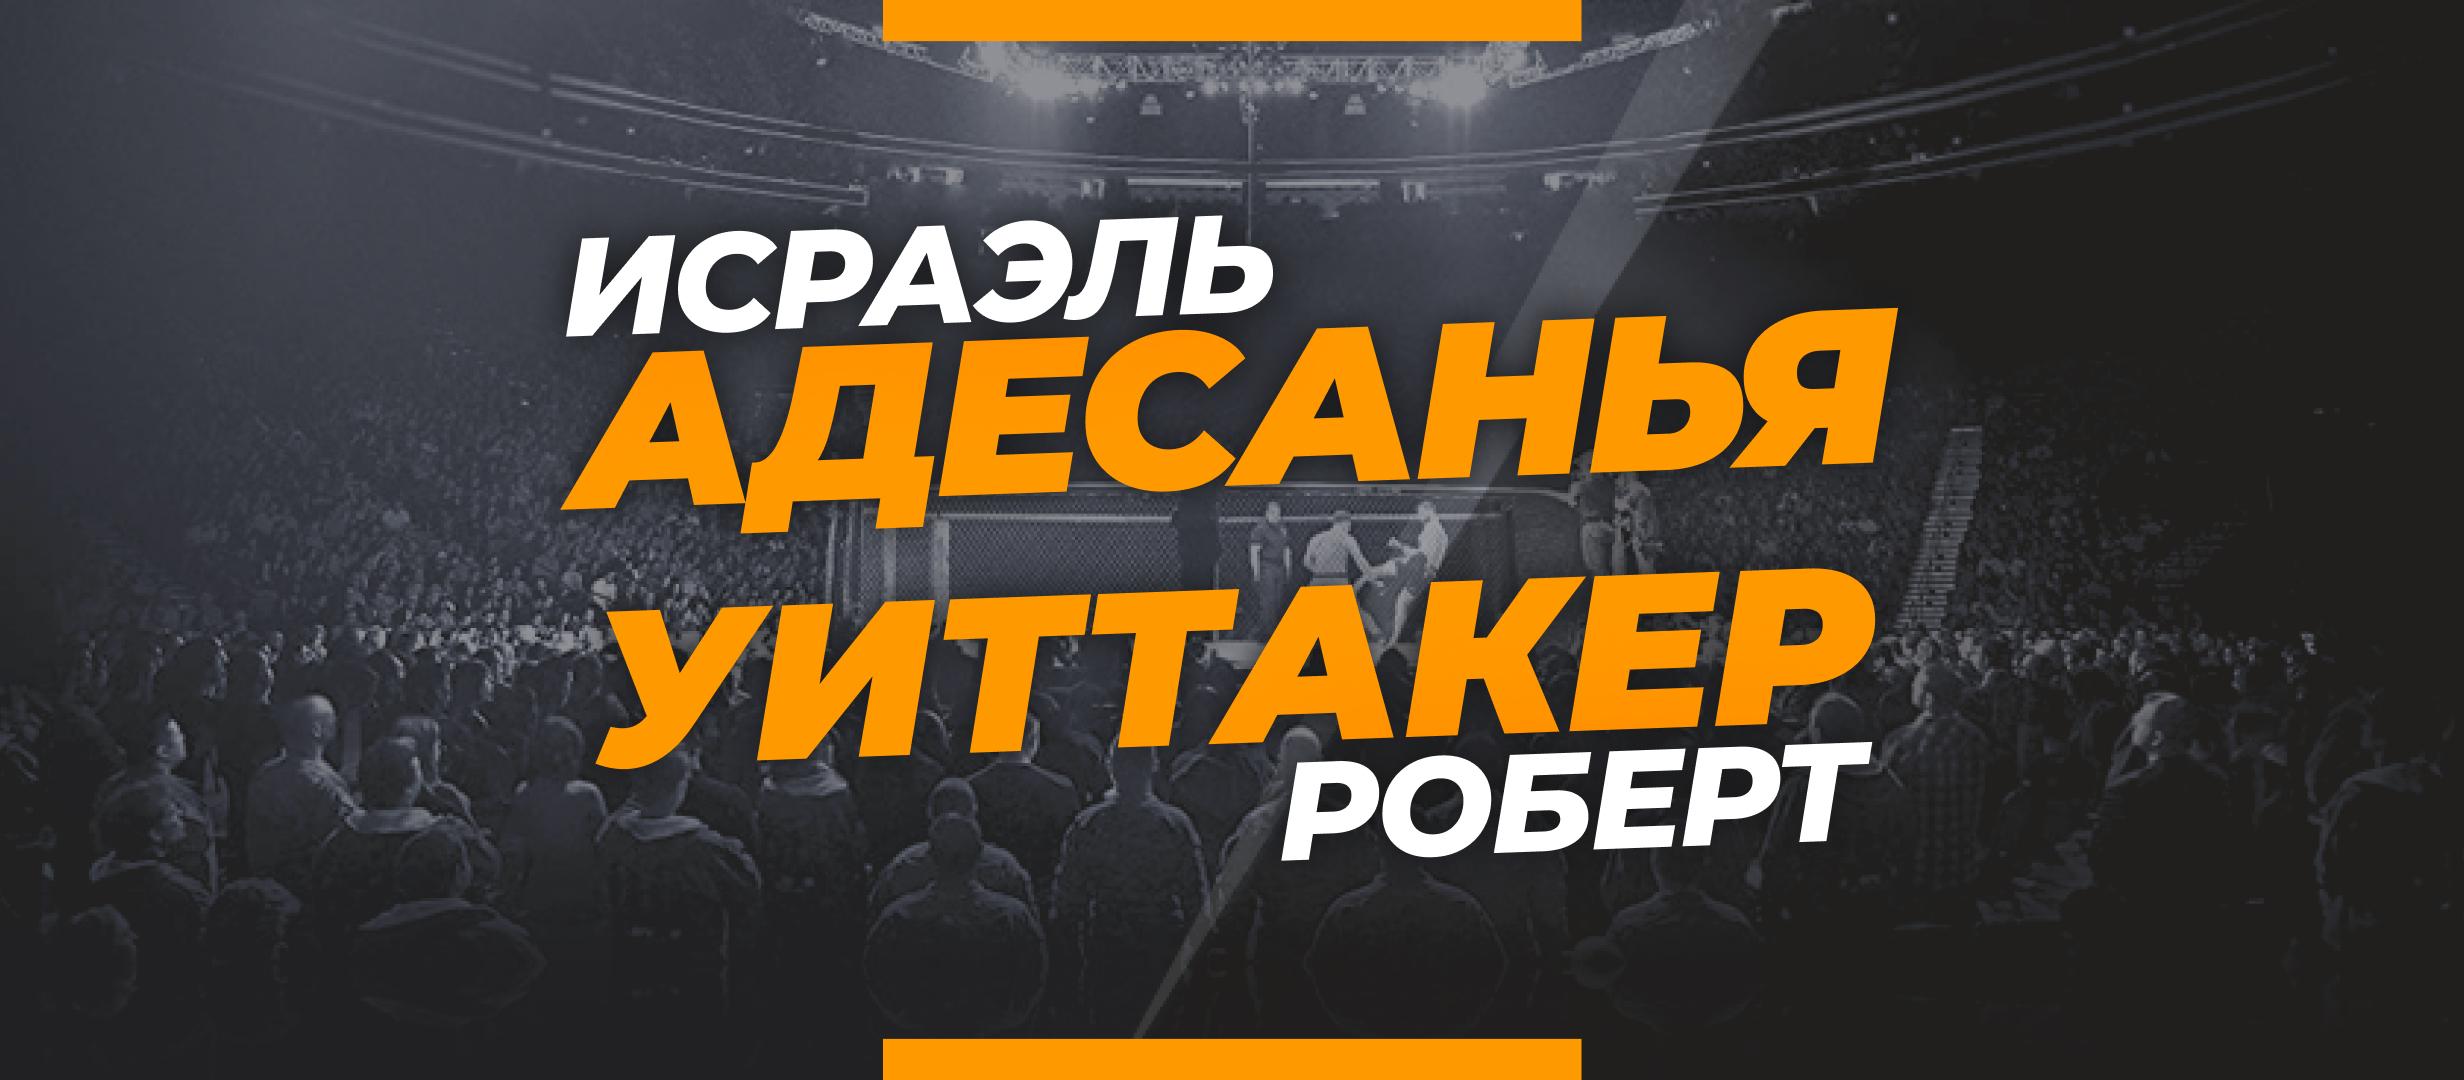 Адесанья — Уиттакер: ставки и коэффициенты на бой